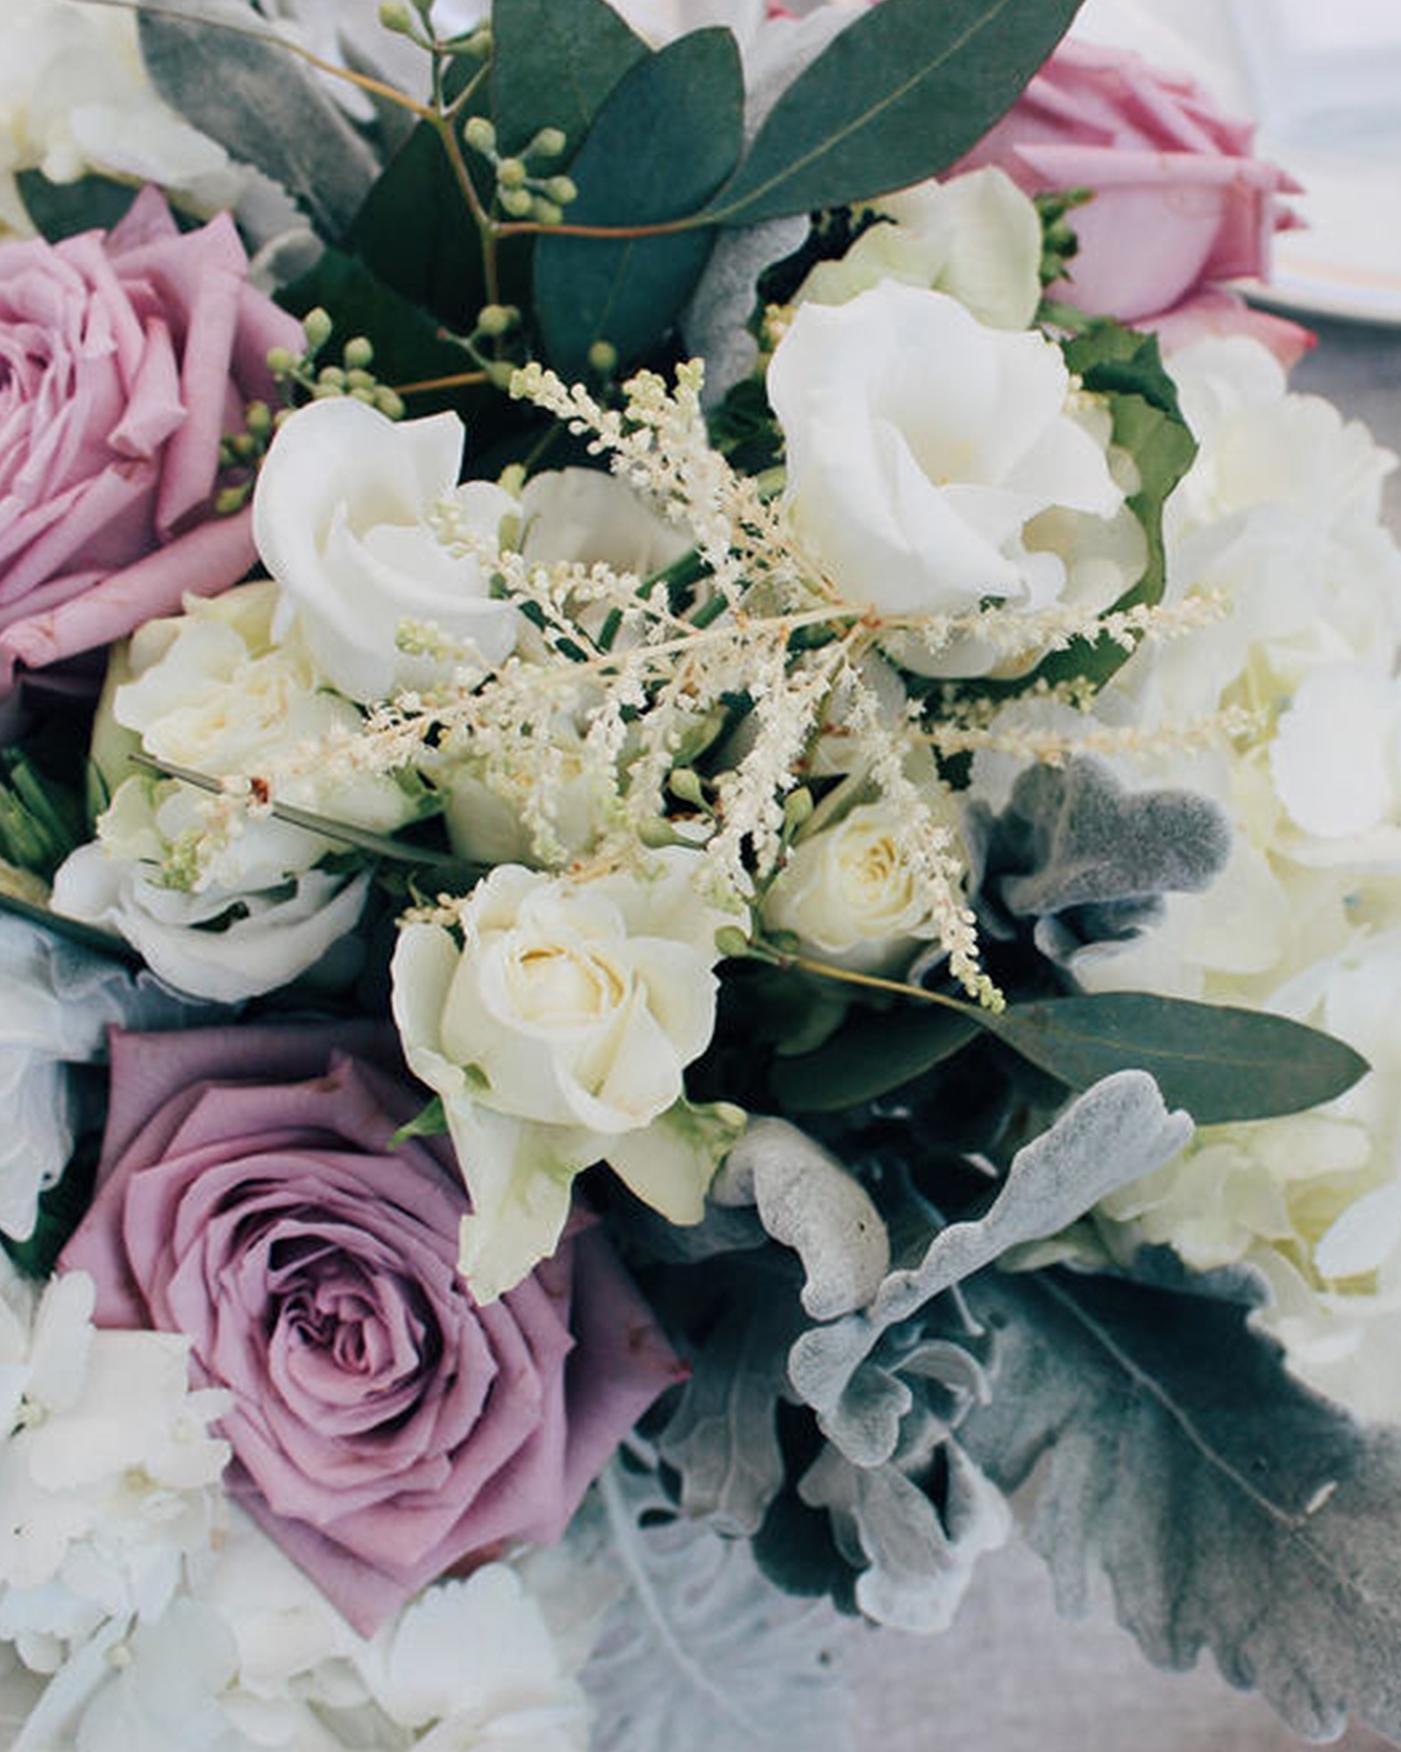 purple-white-green-arrangement-0116